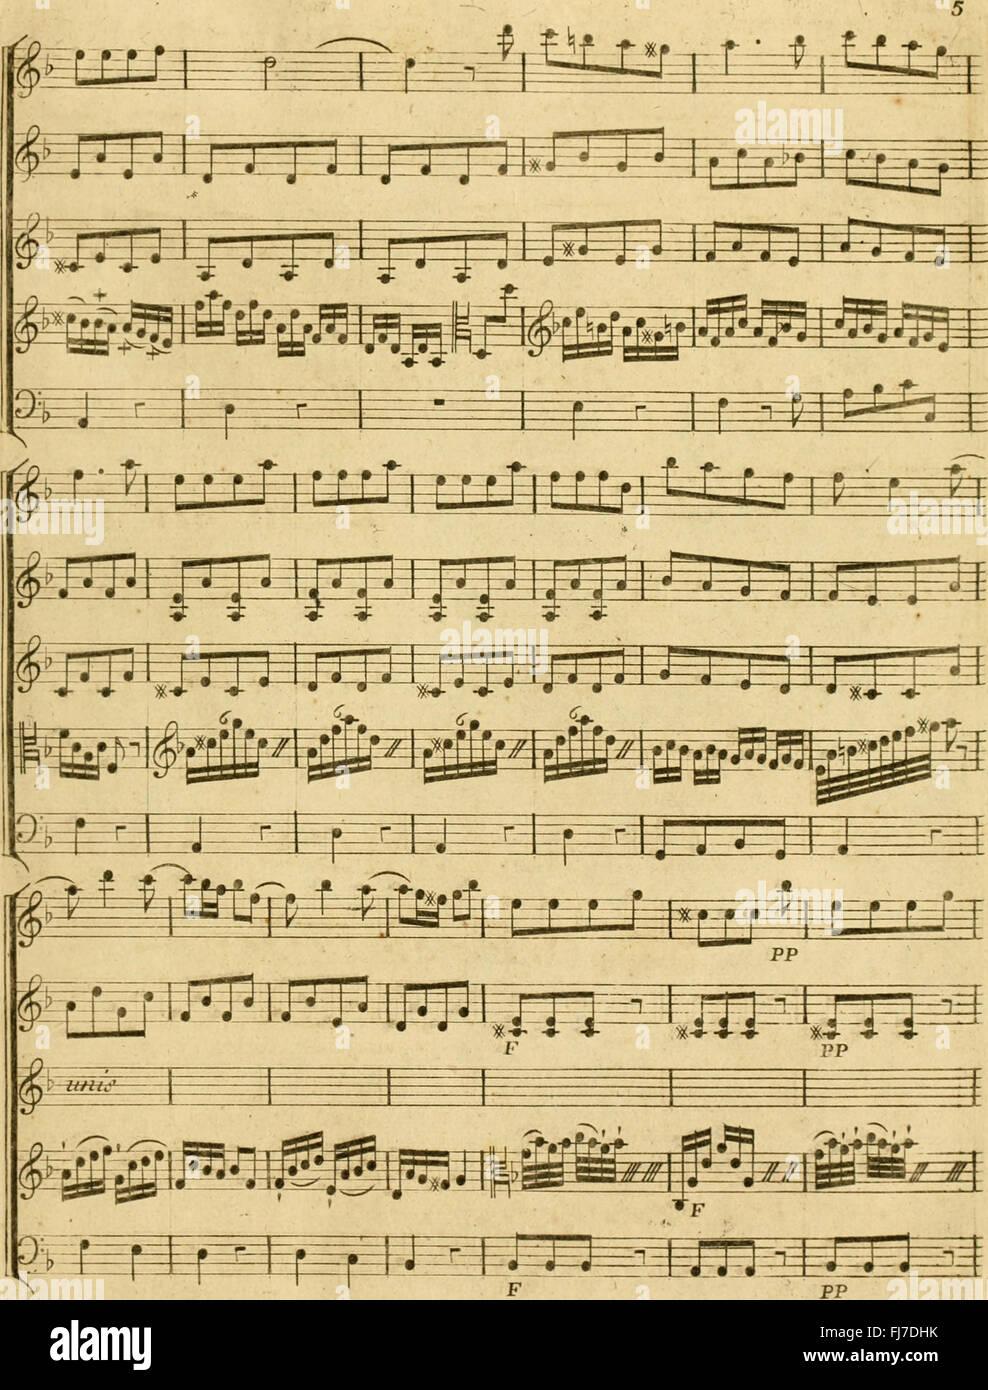 Partition de l'amant jaloux - comC3A9die en trois actes uvre XV (1779)